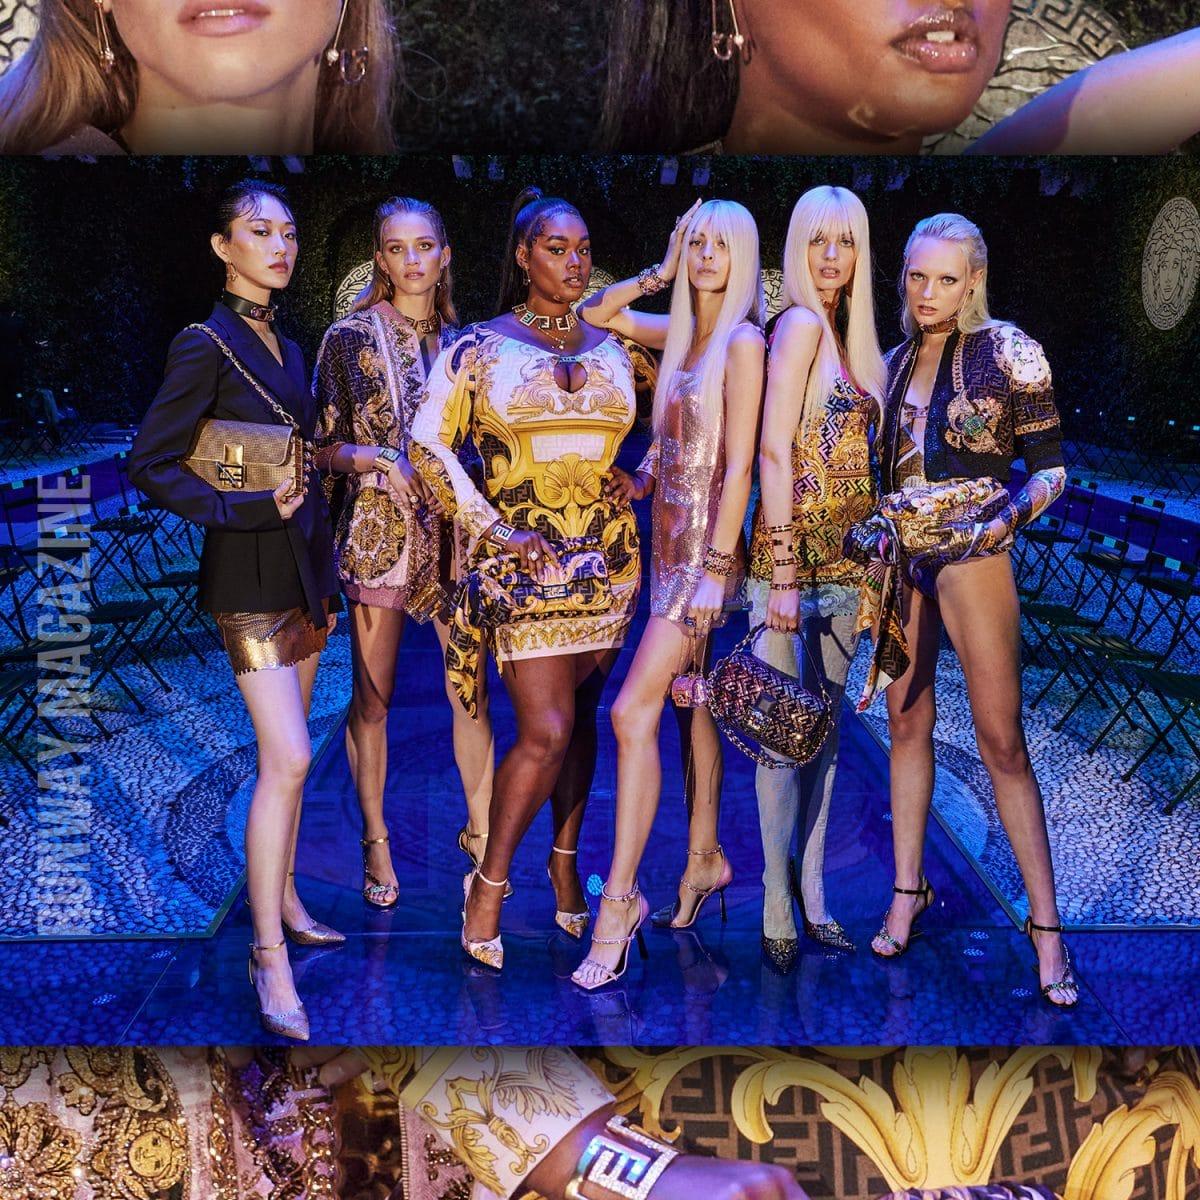 Versace et Fendi deux géants de la mode qui s'associent pour une collection de taille!